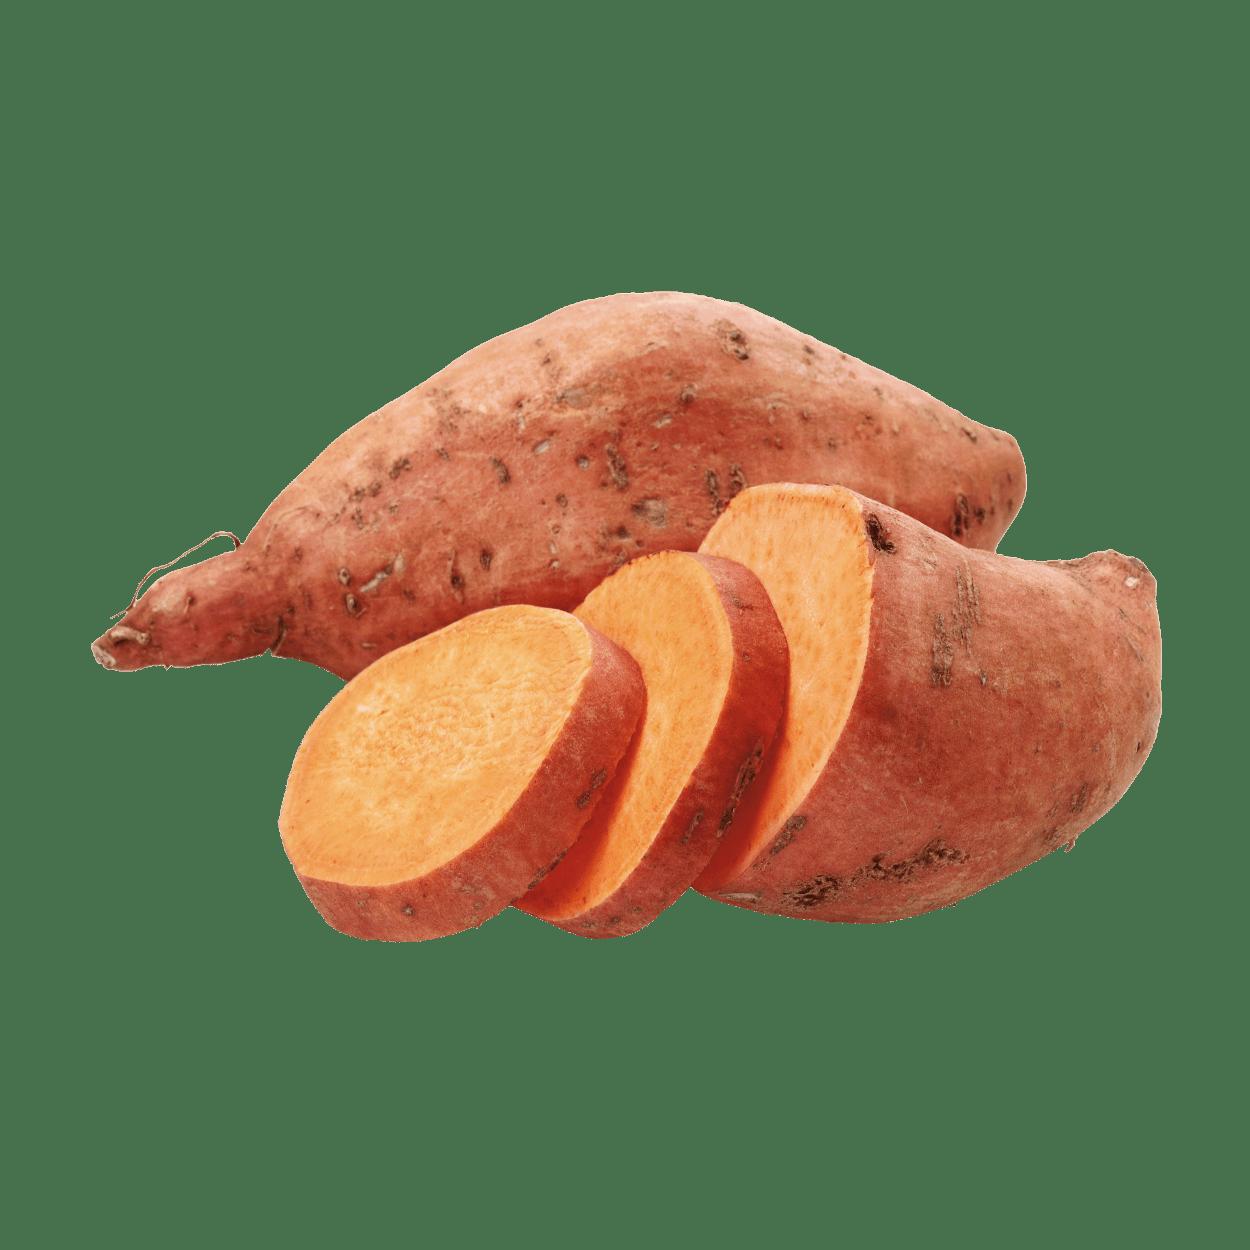 de zoete aardappel